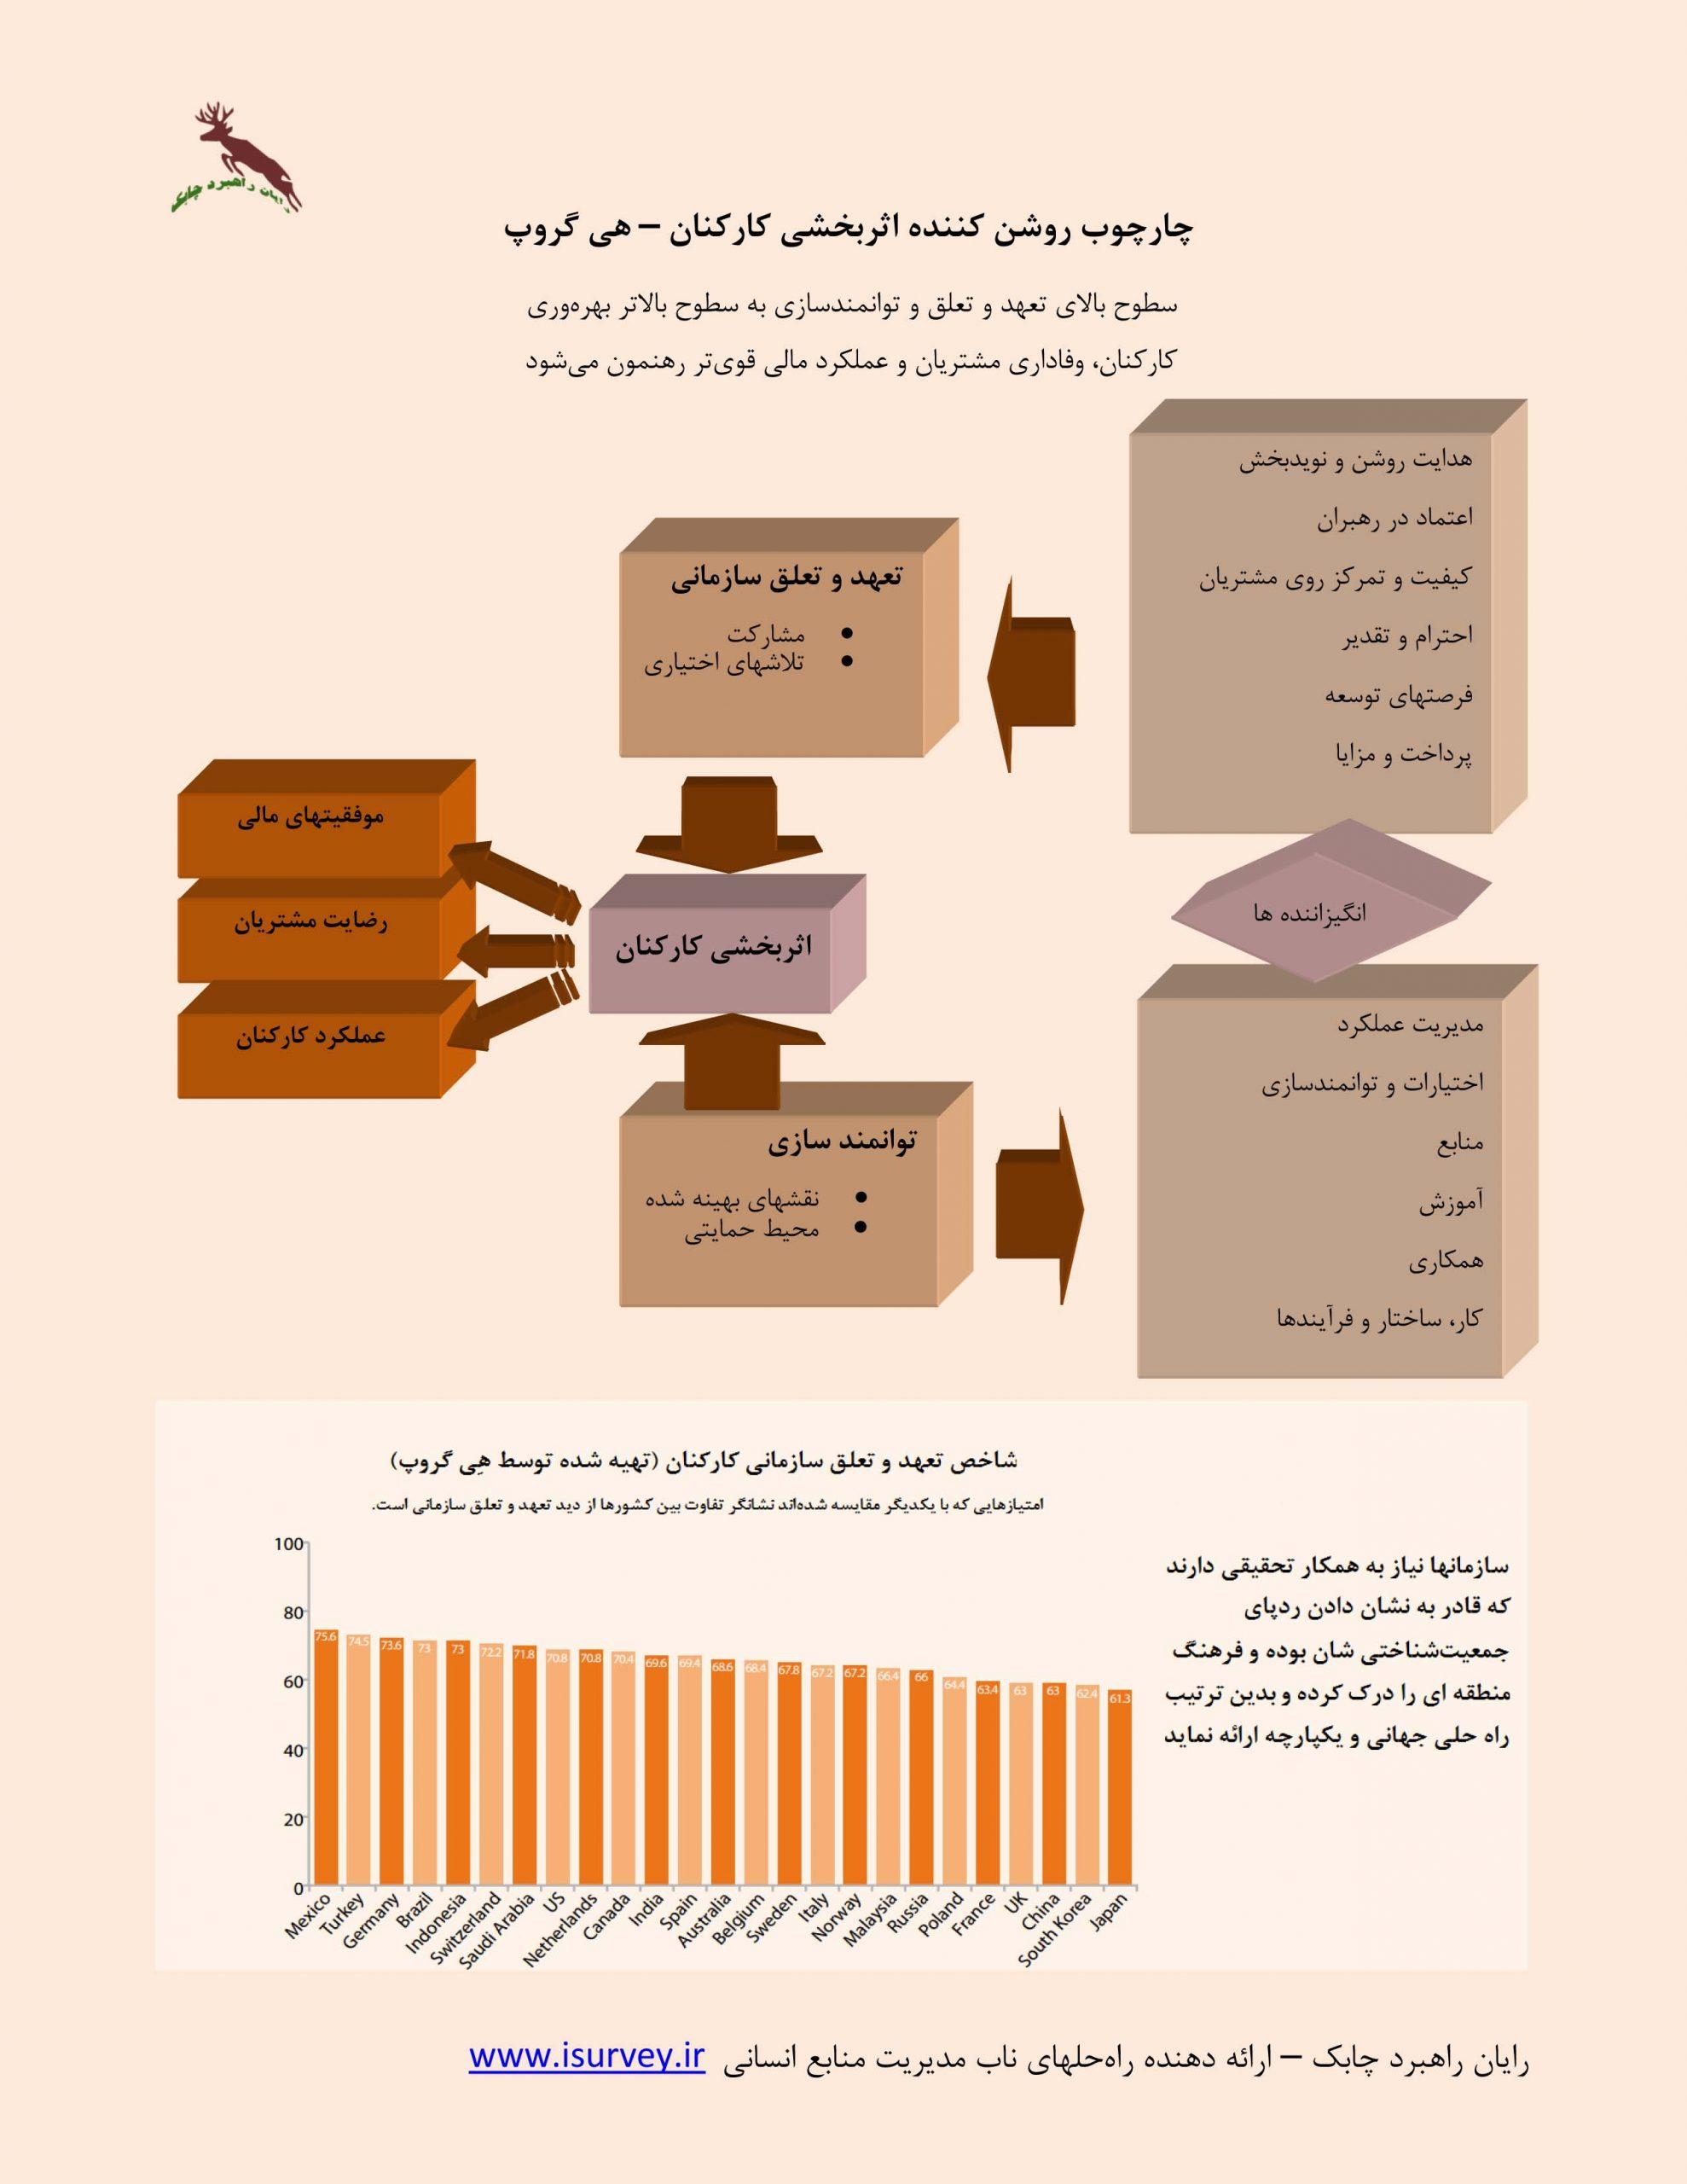 نمودار تعهد و تعلق سازمانی و توانمندسازی کارکنان در ارتباط با اثربخشی